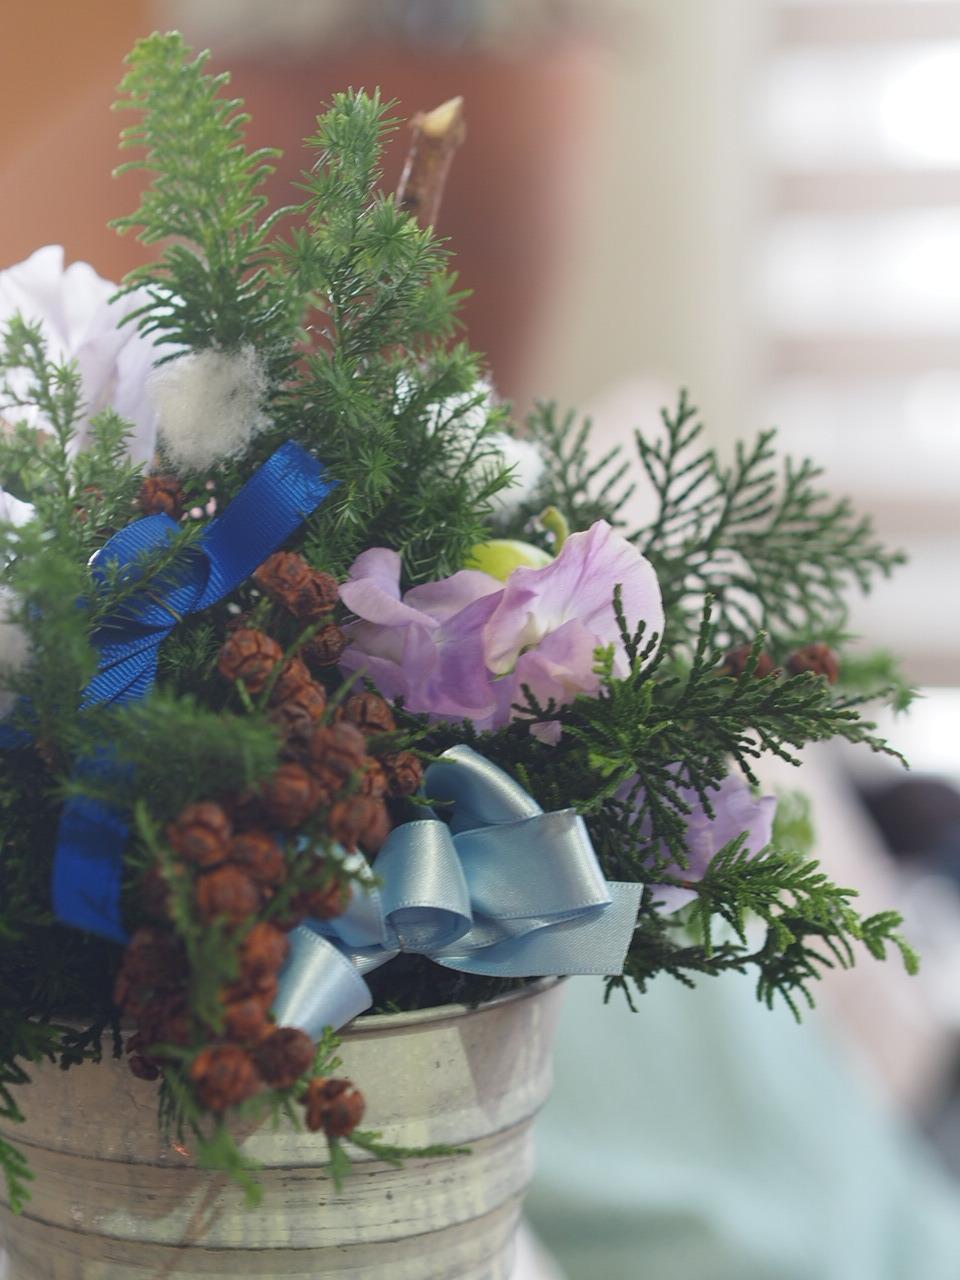 クリスマスツリーアレンジメント@キッズクラス_d0144095_17012751.jpg